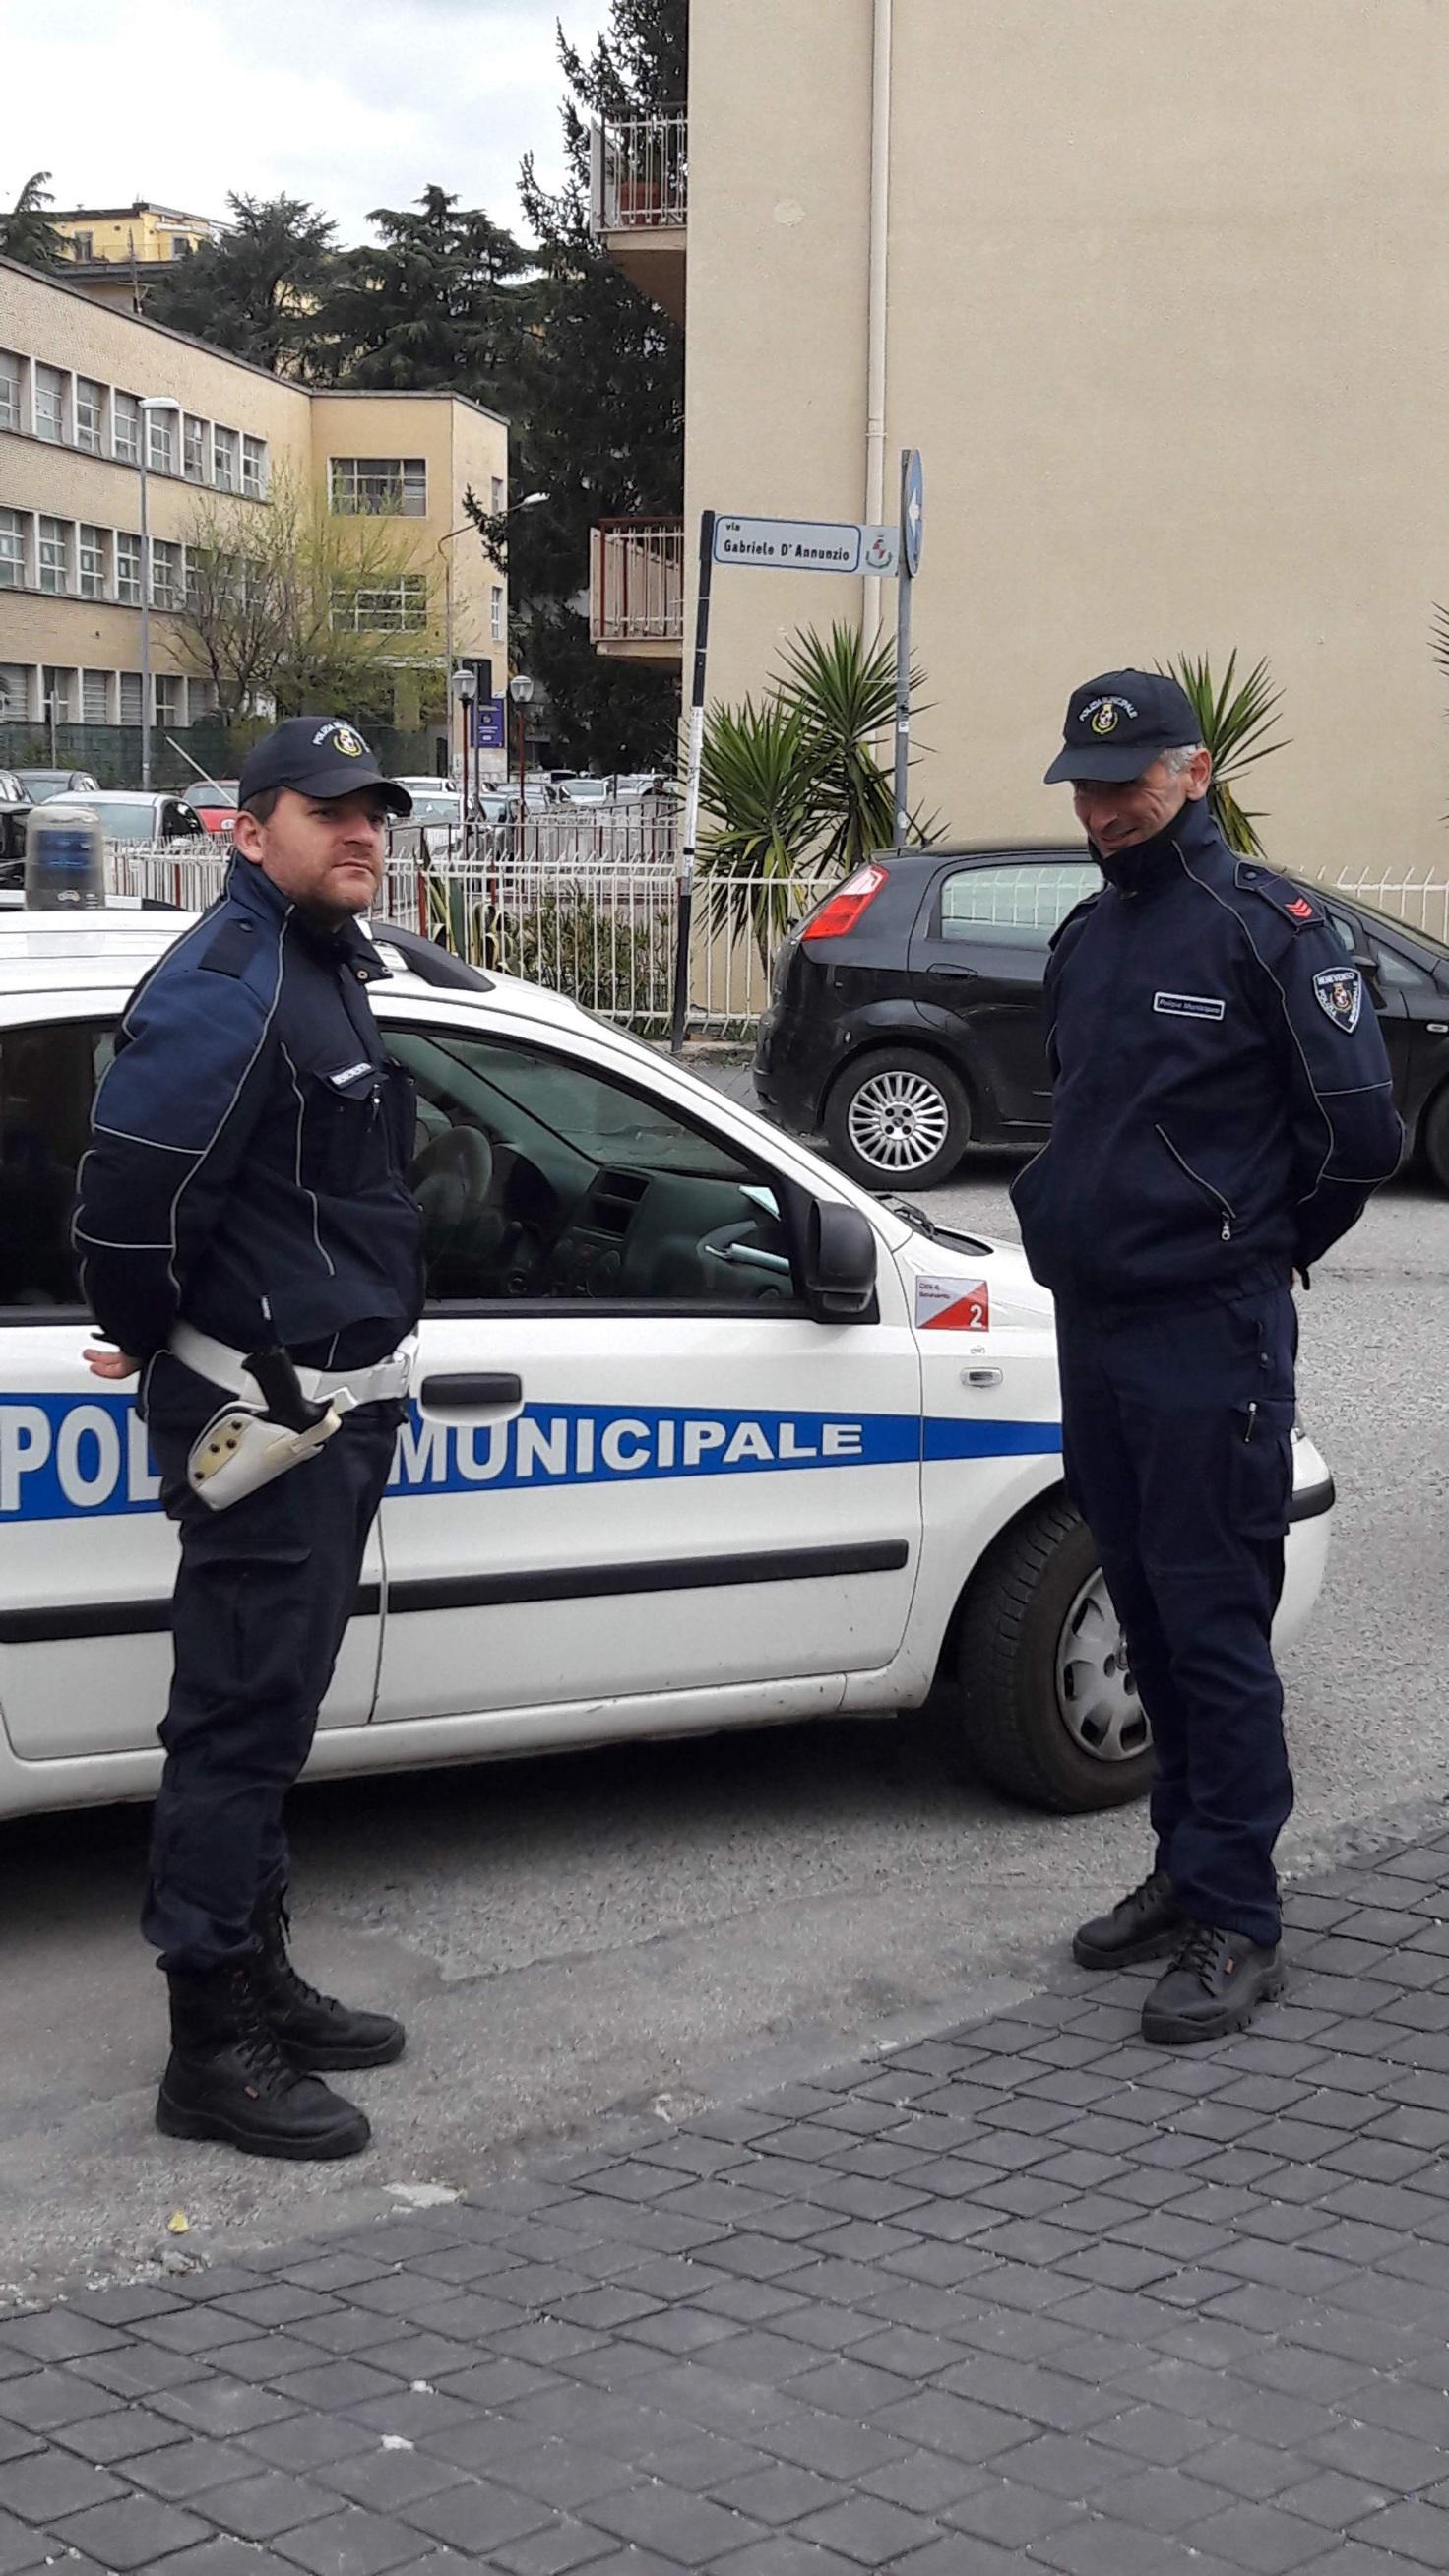 Benevento| Municipale: raffica di multe per indisciplinati